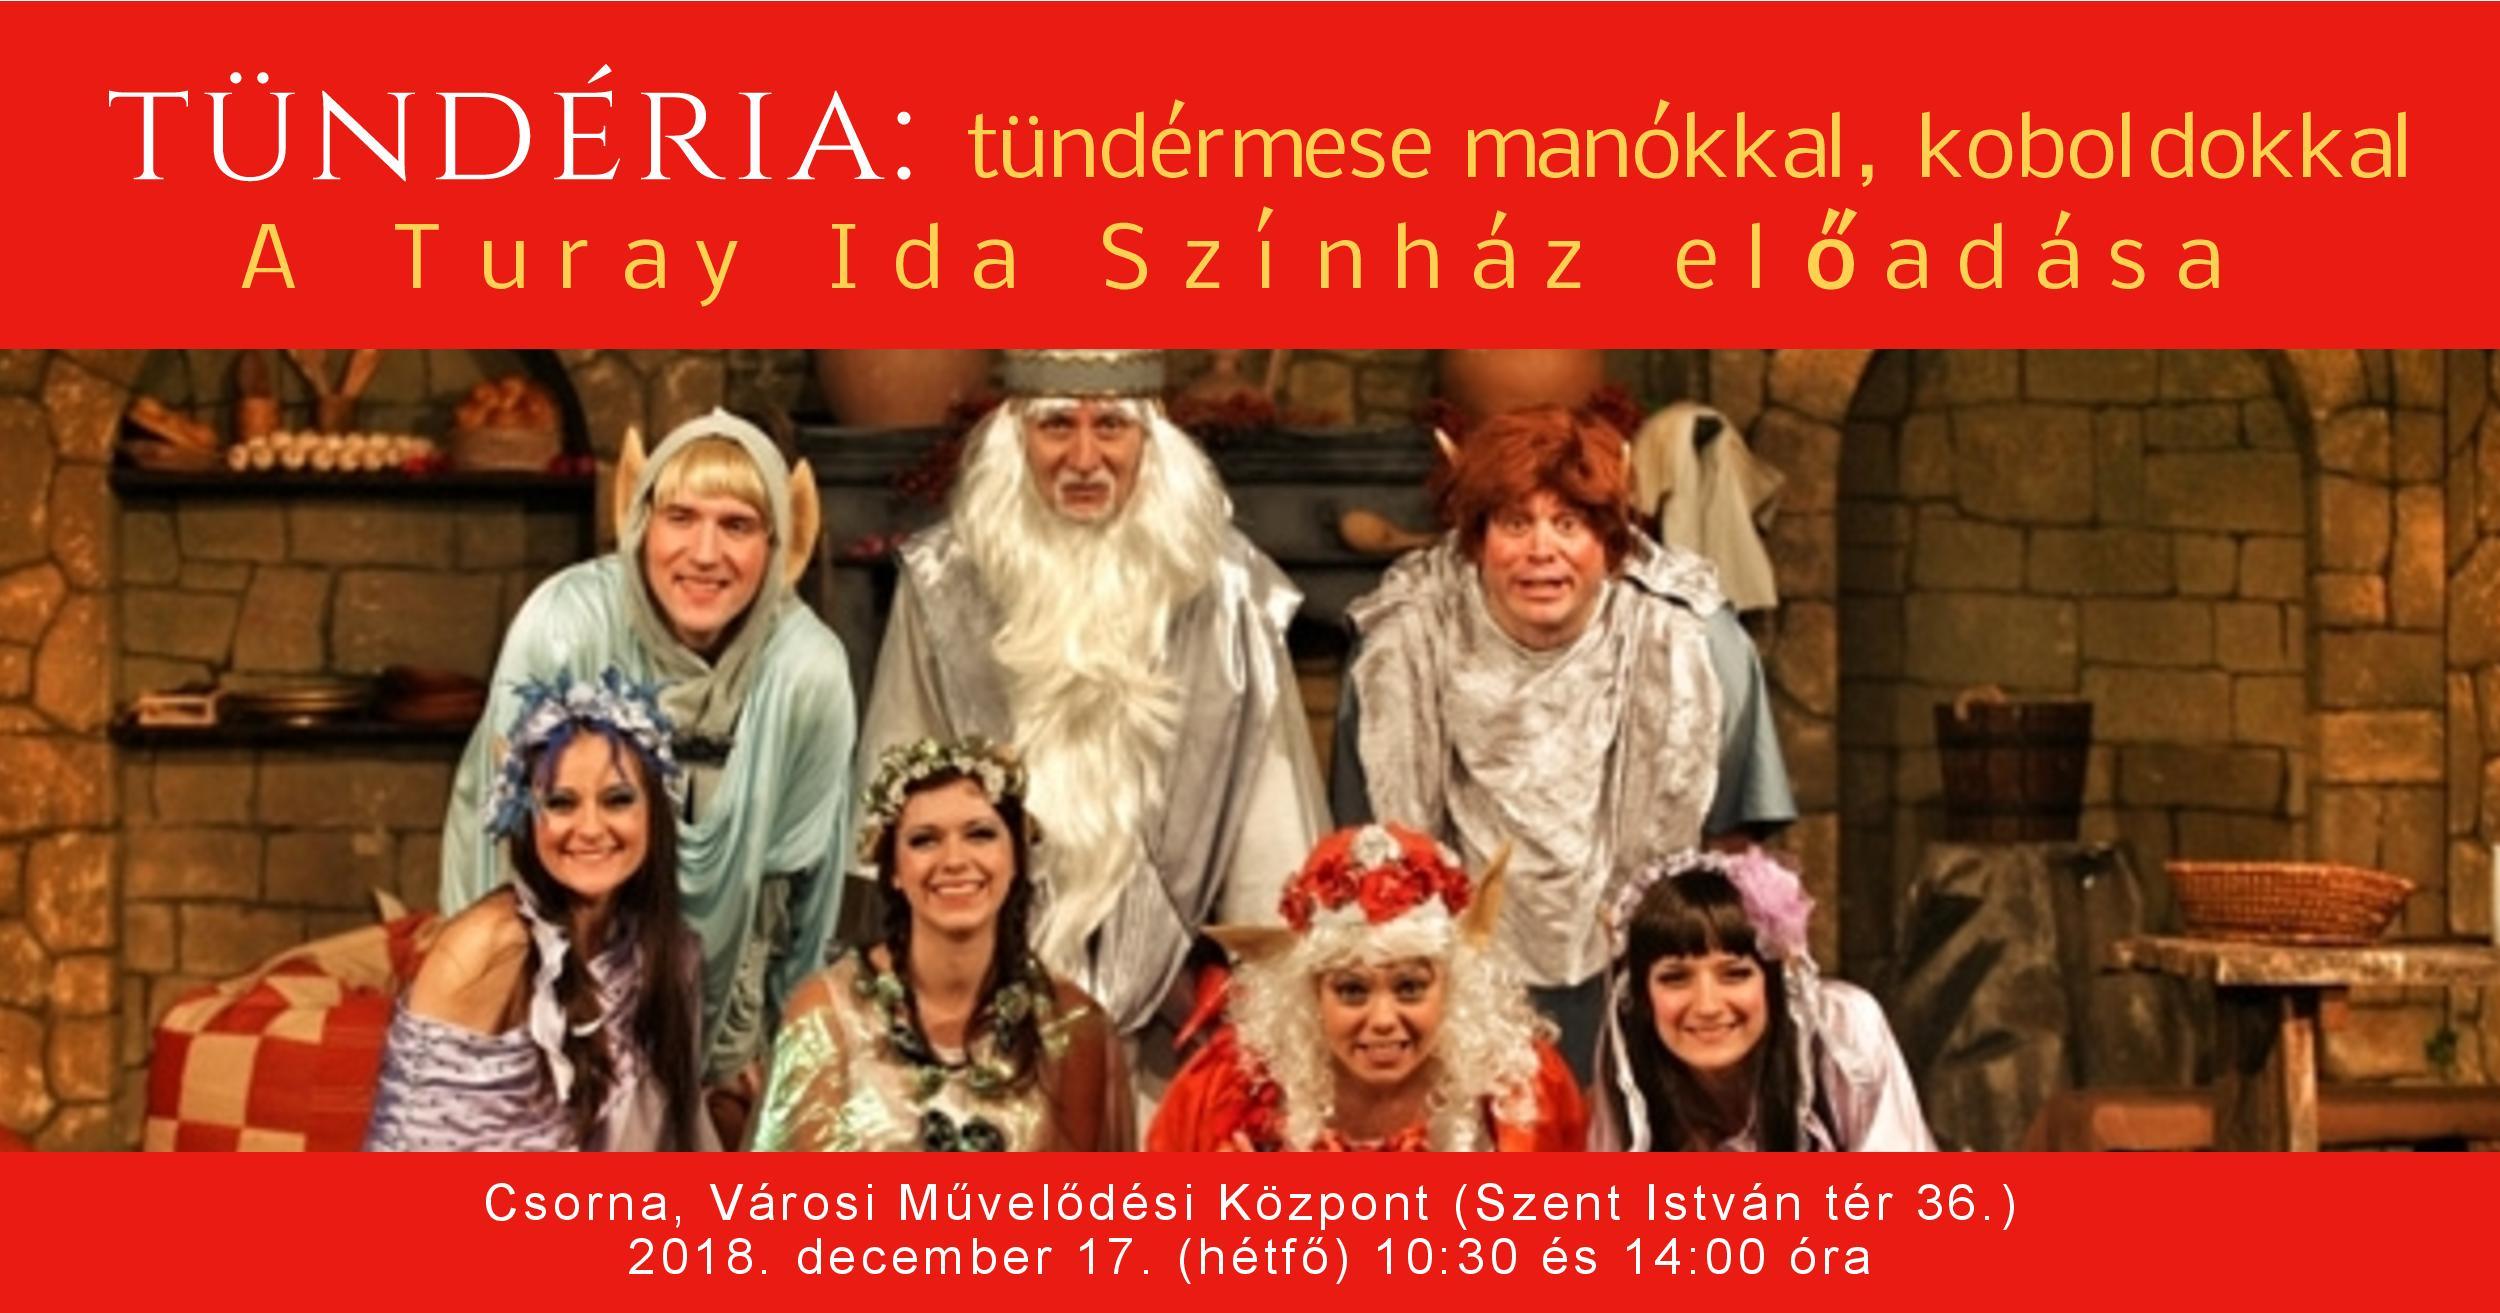 tunderia_csorna_2018_12_17_facebook_event